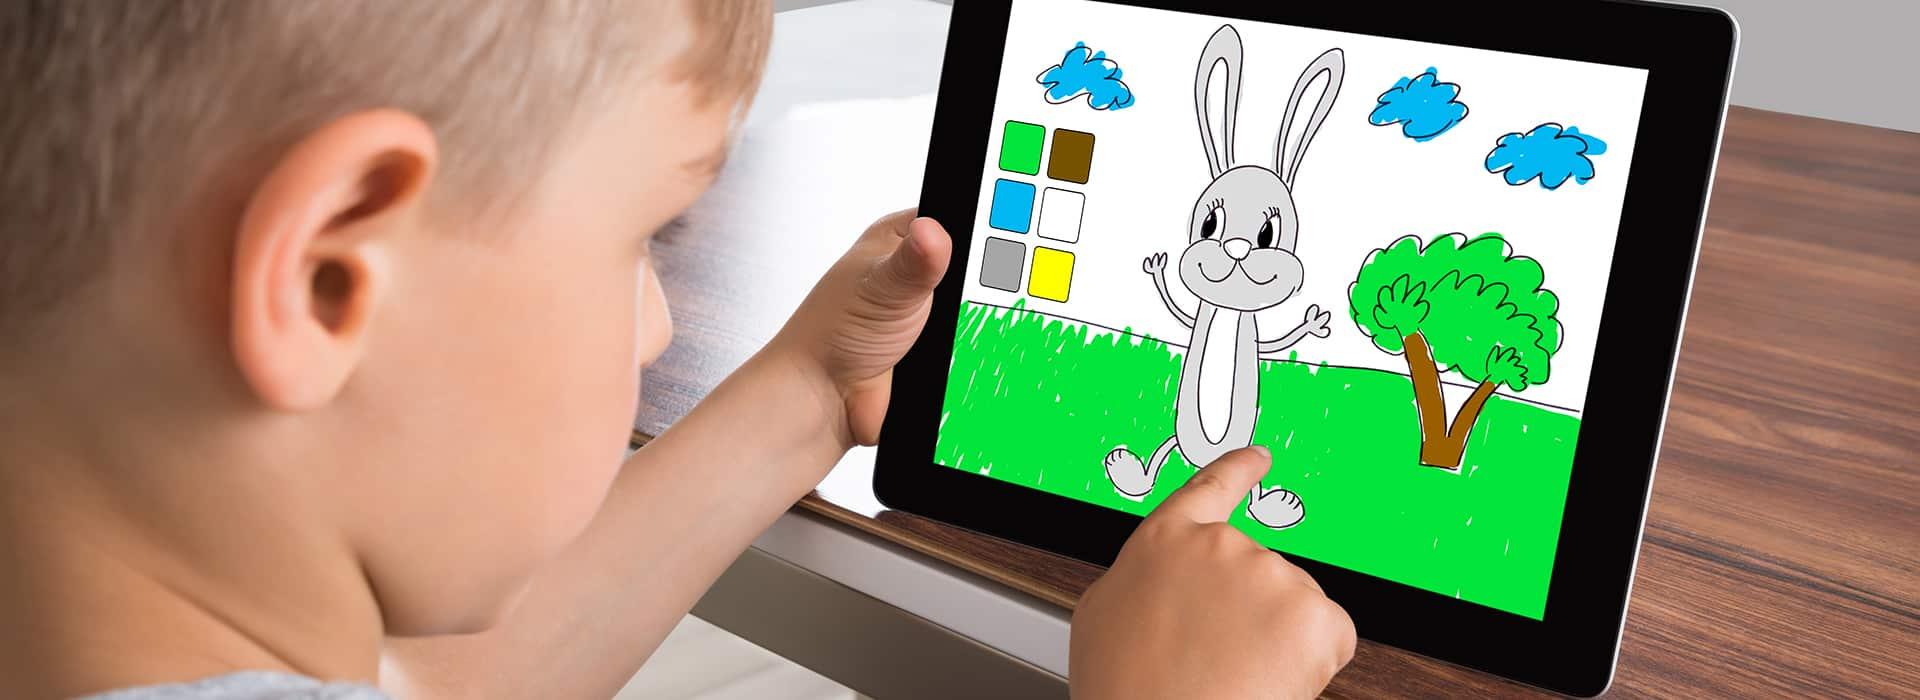 Tablette Enfant : Voici Les Meilleurs Modèles À Offrir En 2020 encequiconcerne Jeux Gratuit Sur Tablette Sans Telechargement